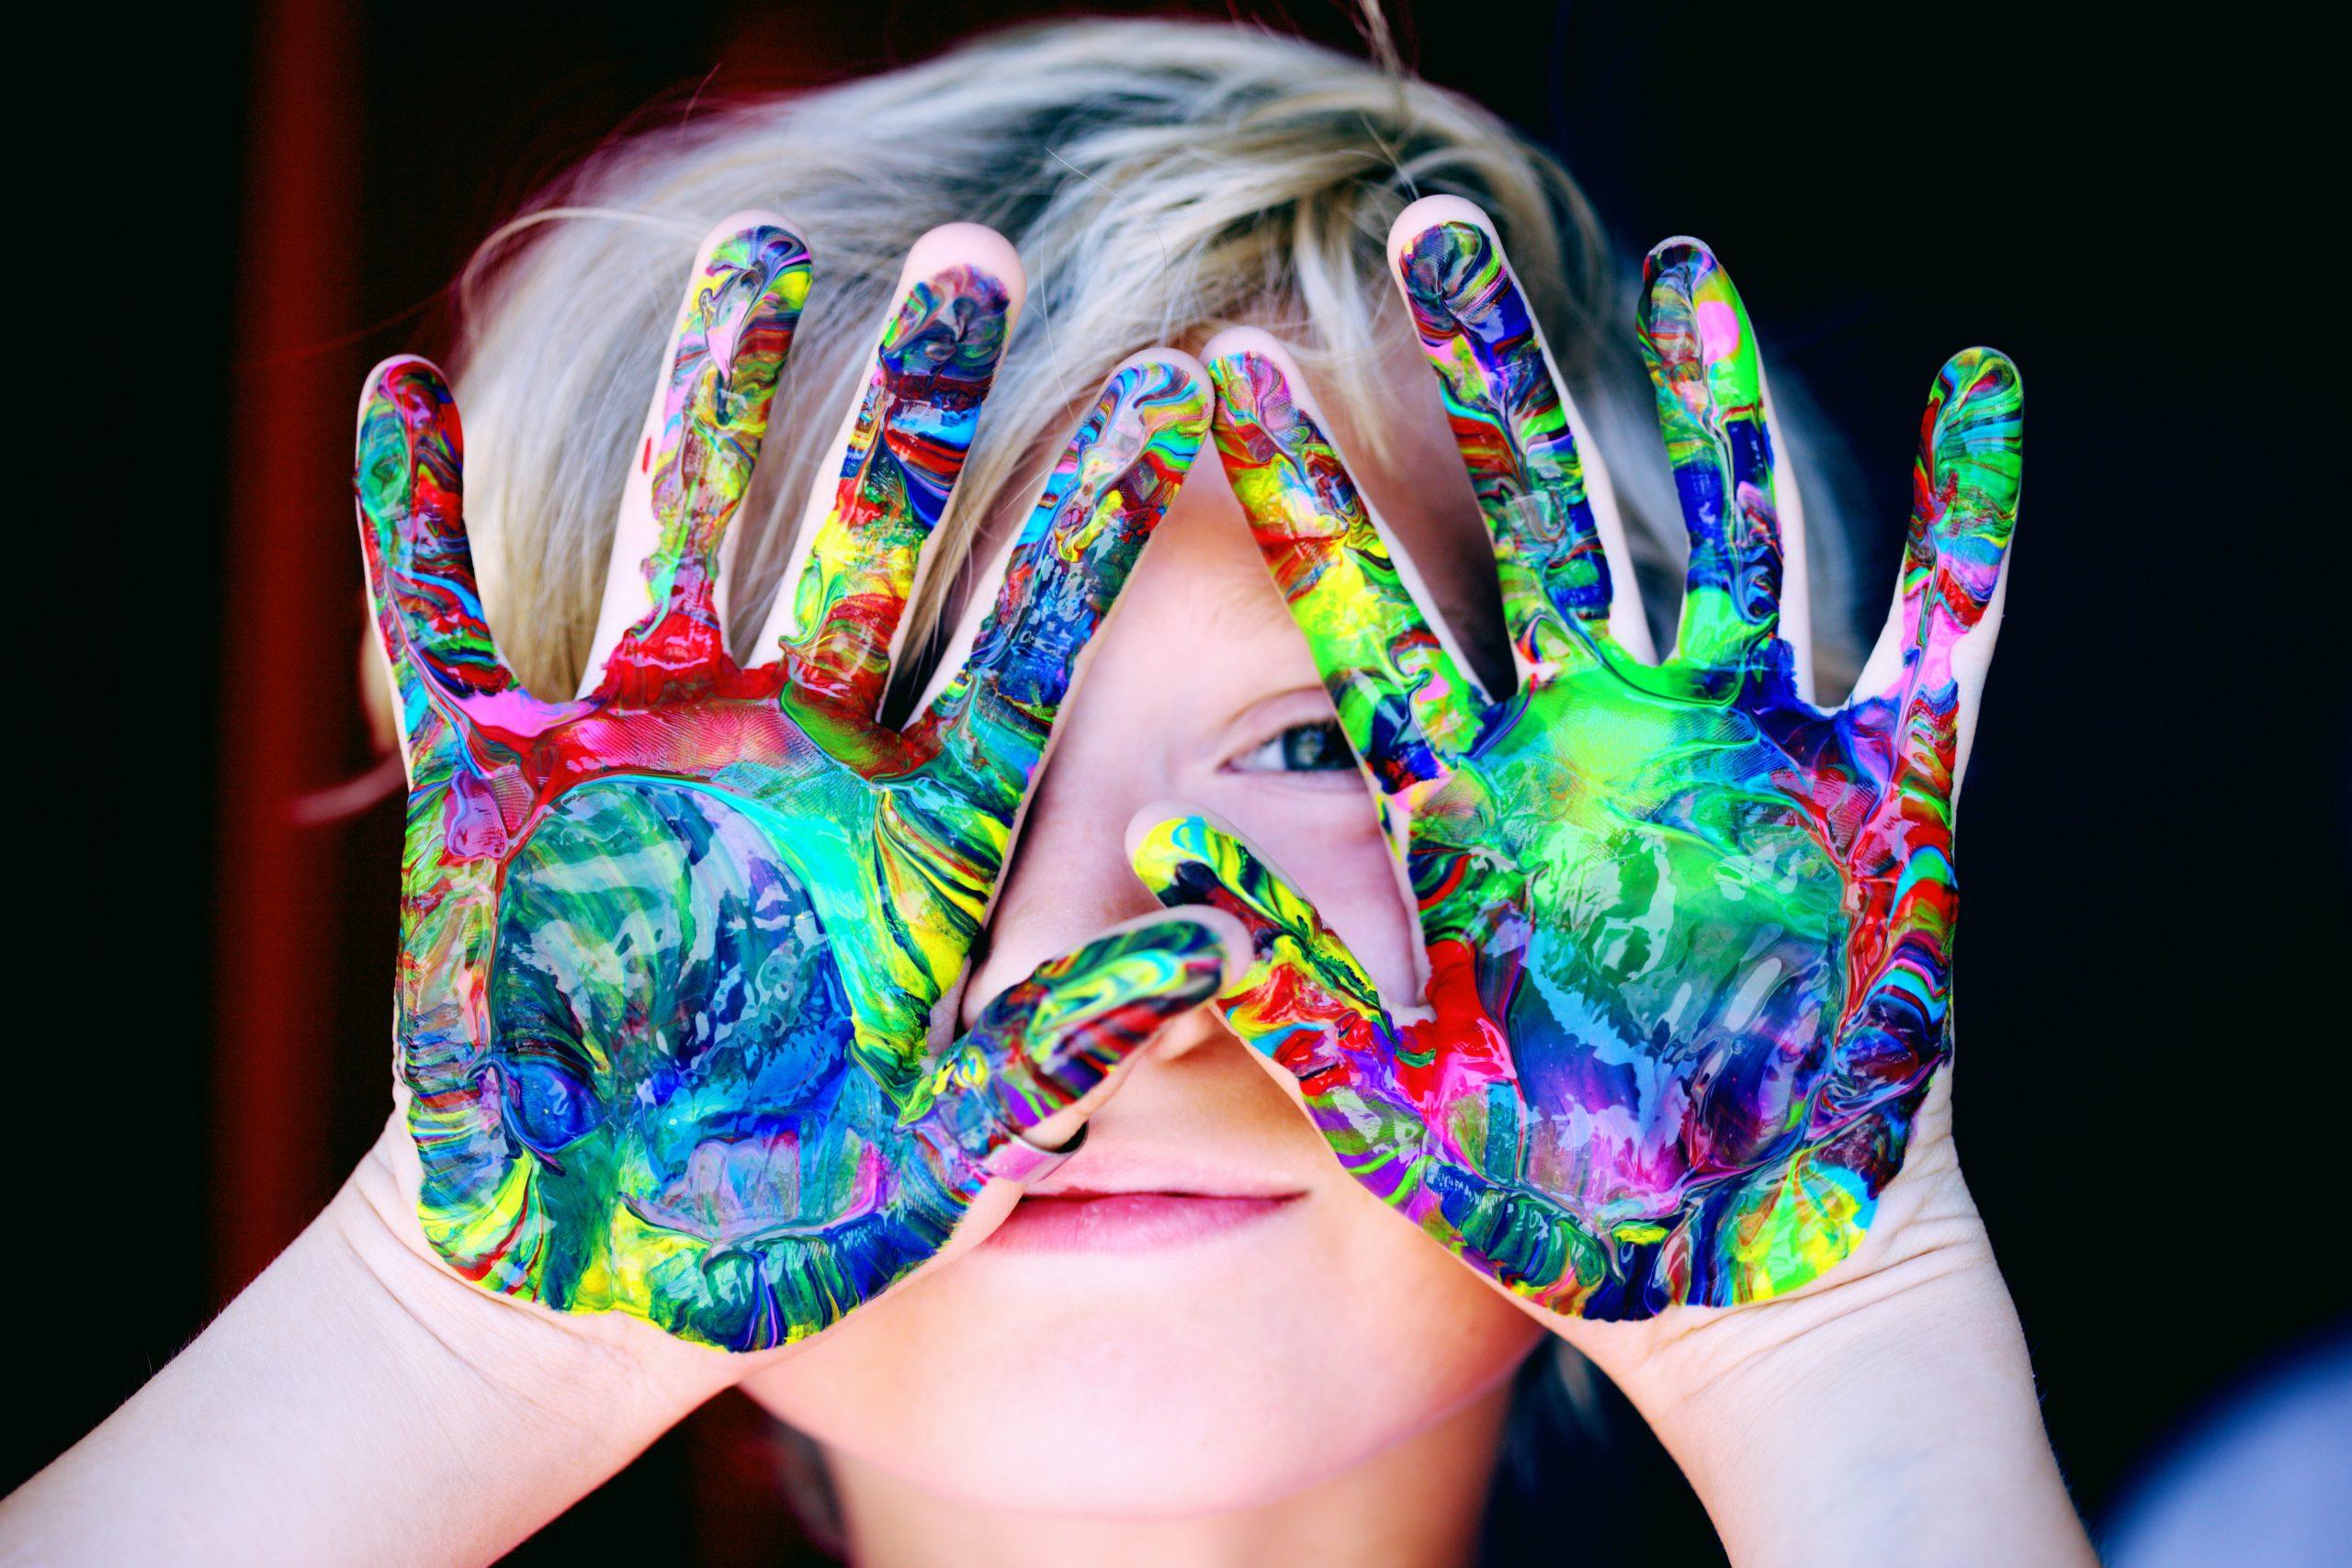 art beyond gaze erasmus plus